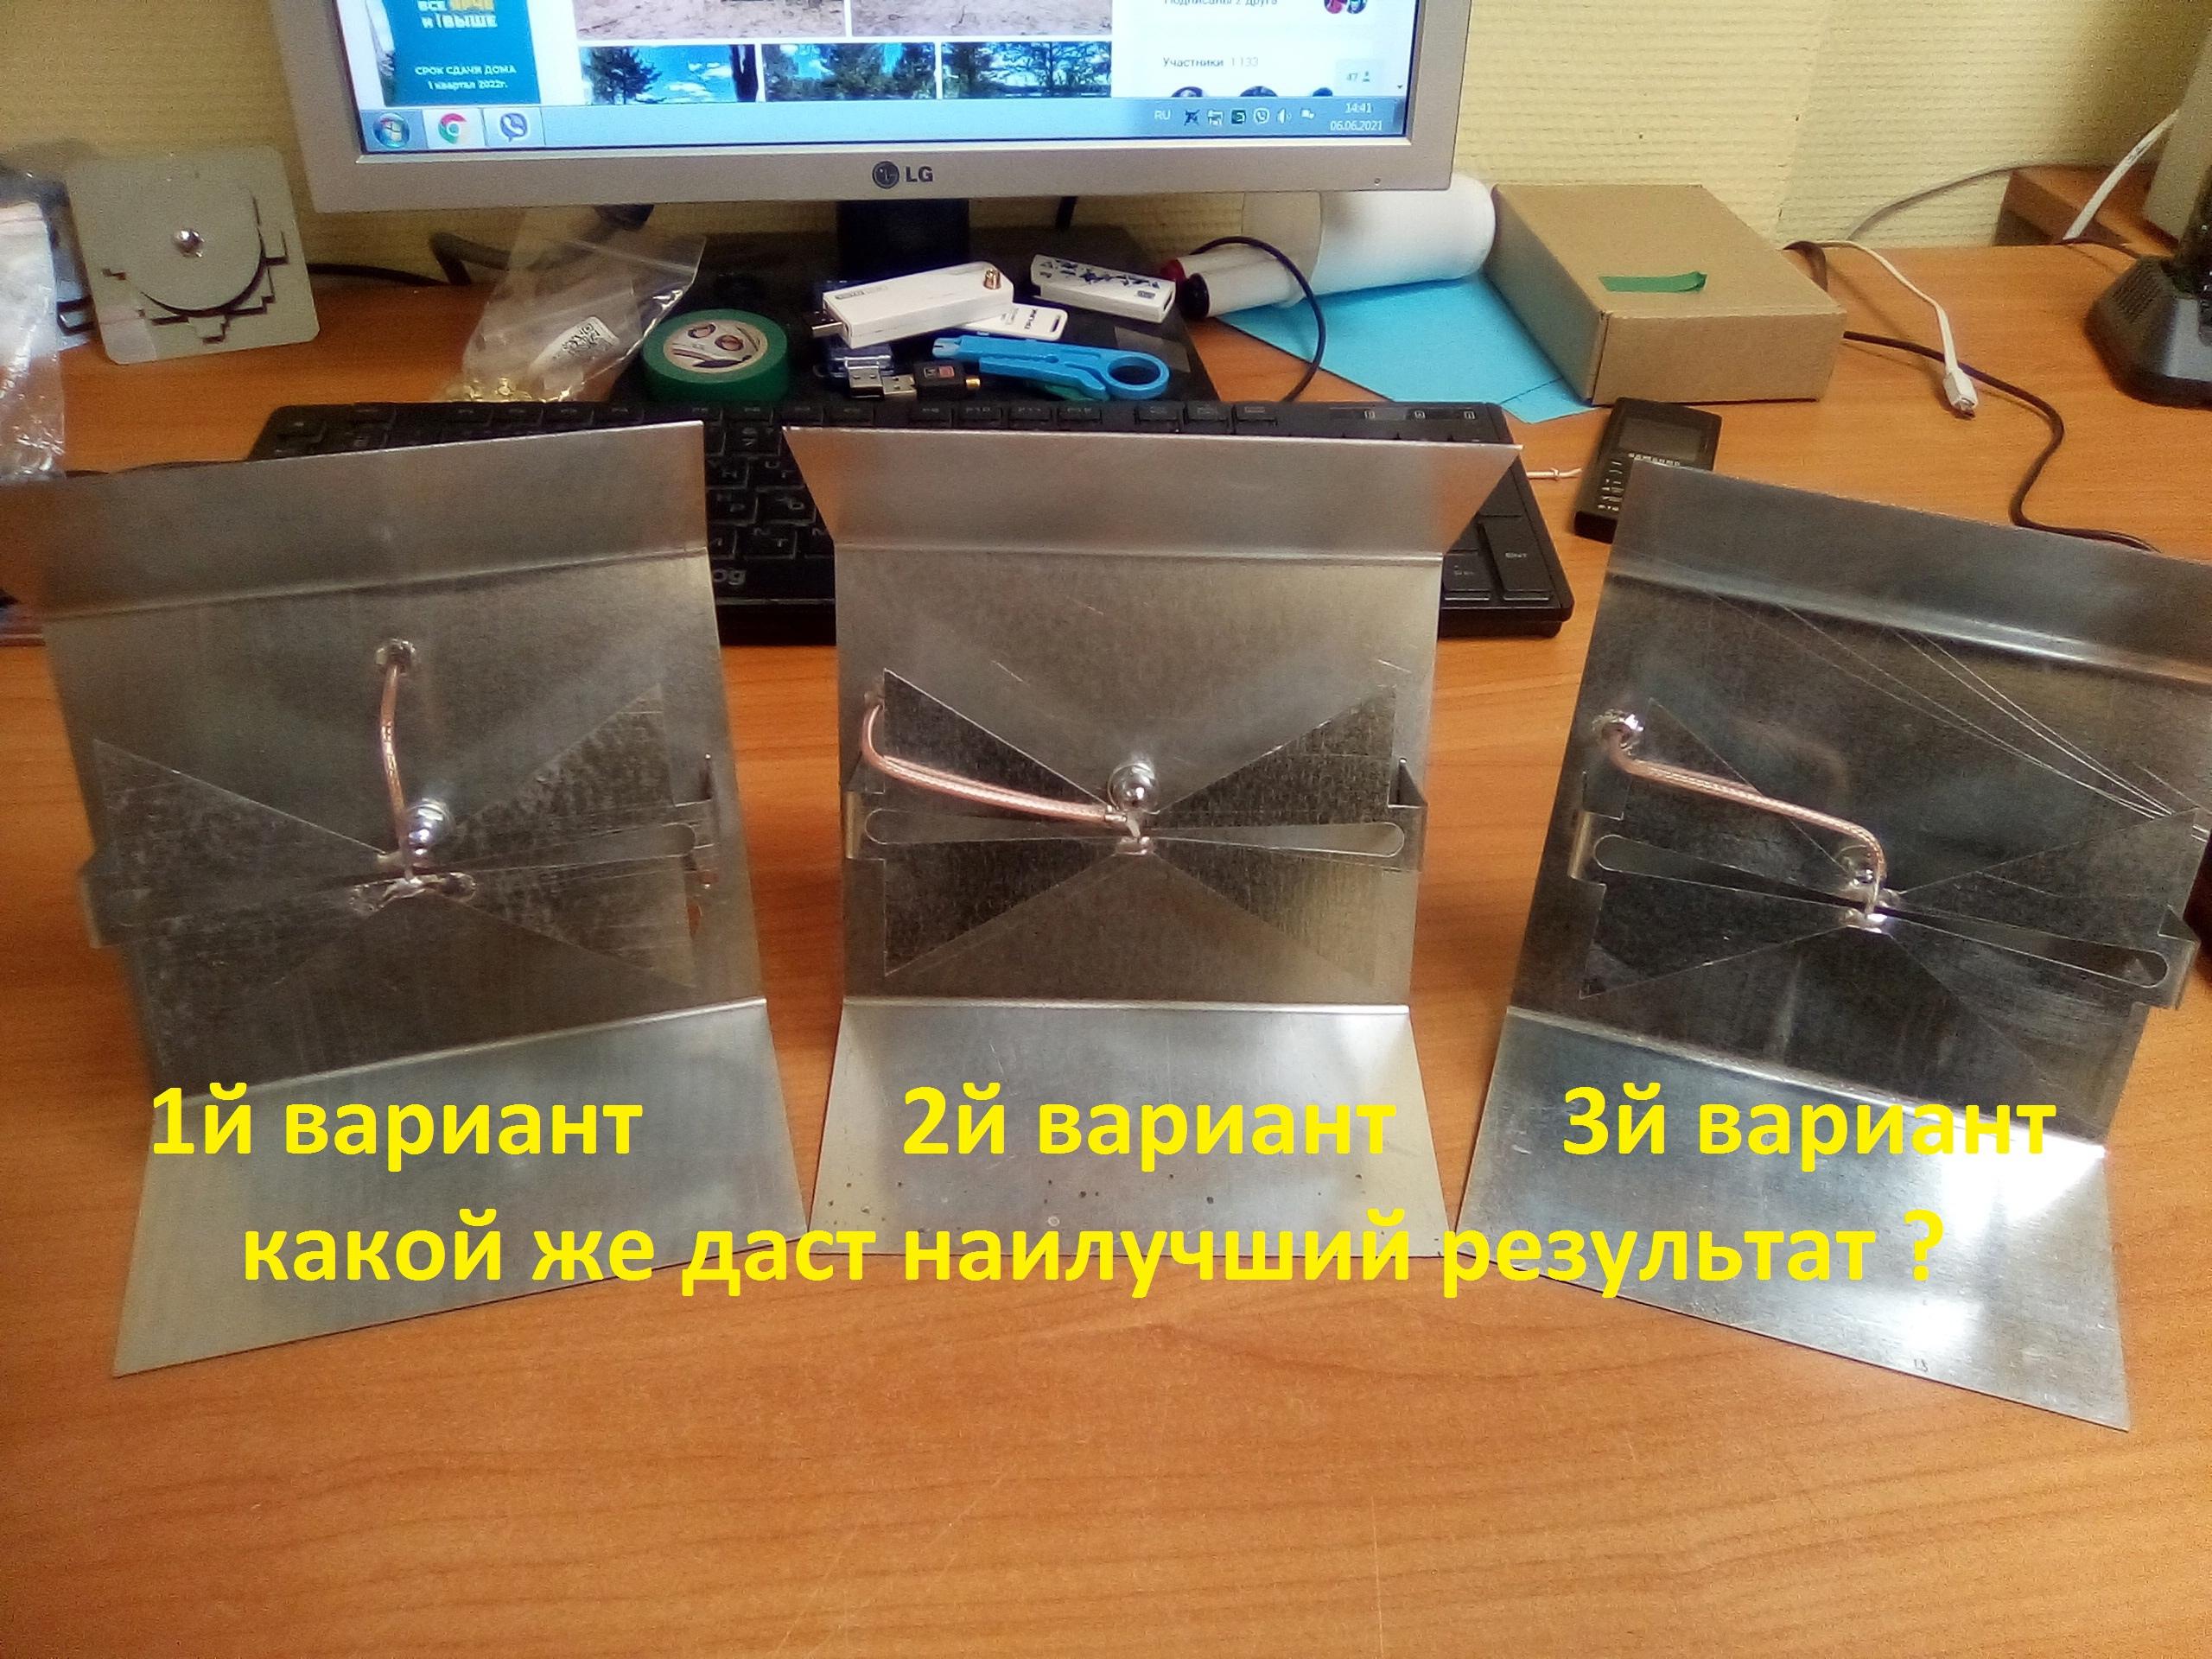 4Ne42Us16Ck.jpg?size=2560x1920&quality=9